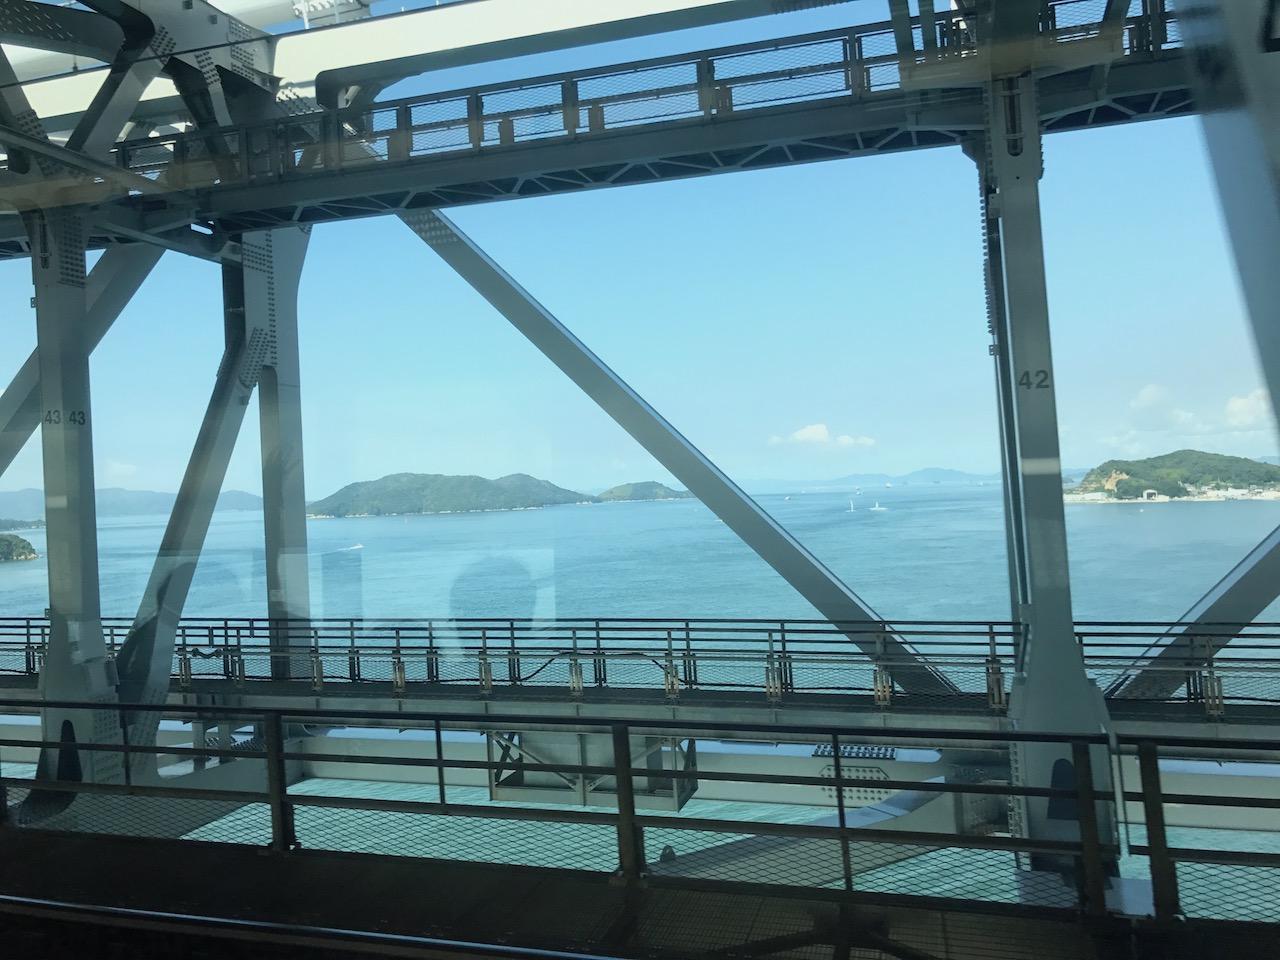 青春18きっぷで瀬戸大橋渡って四国行ってきました!快速マリンライナーで海の上通過